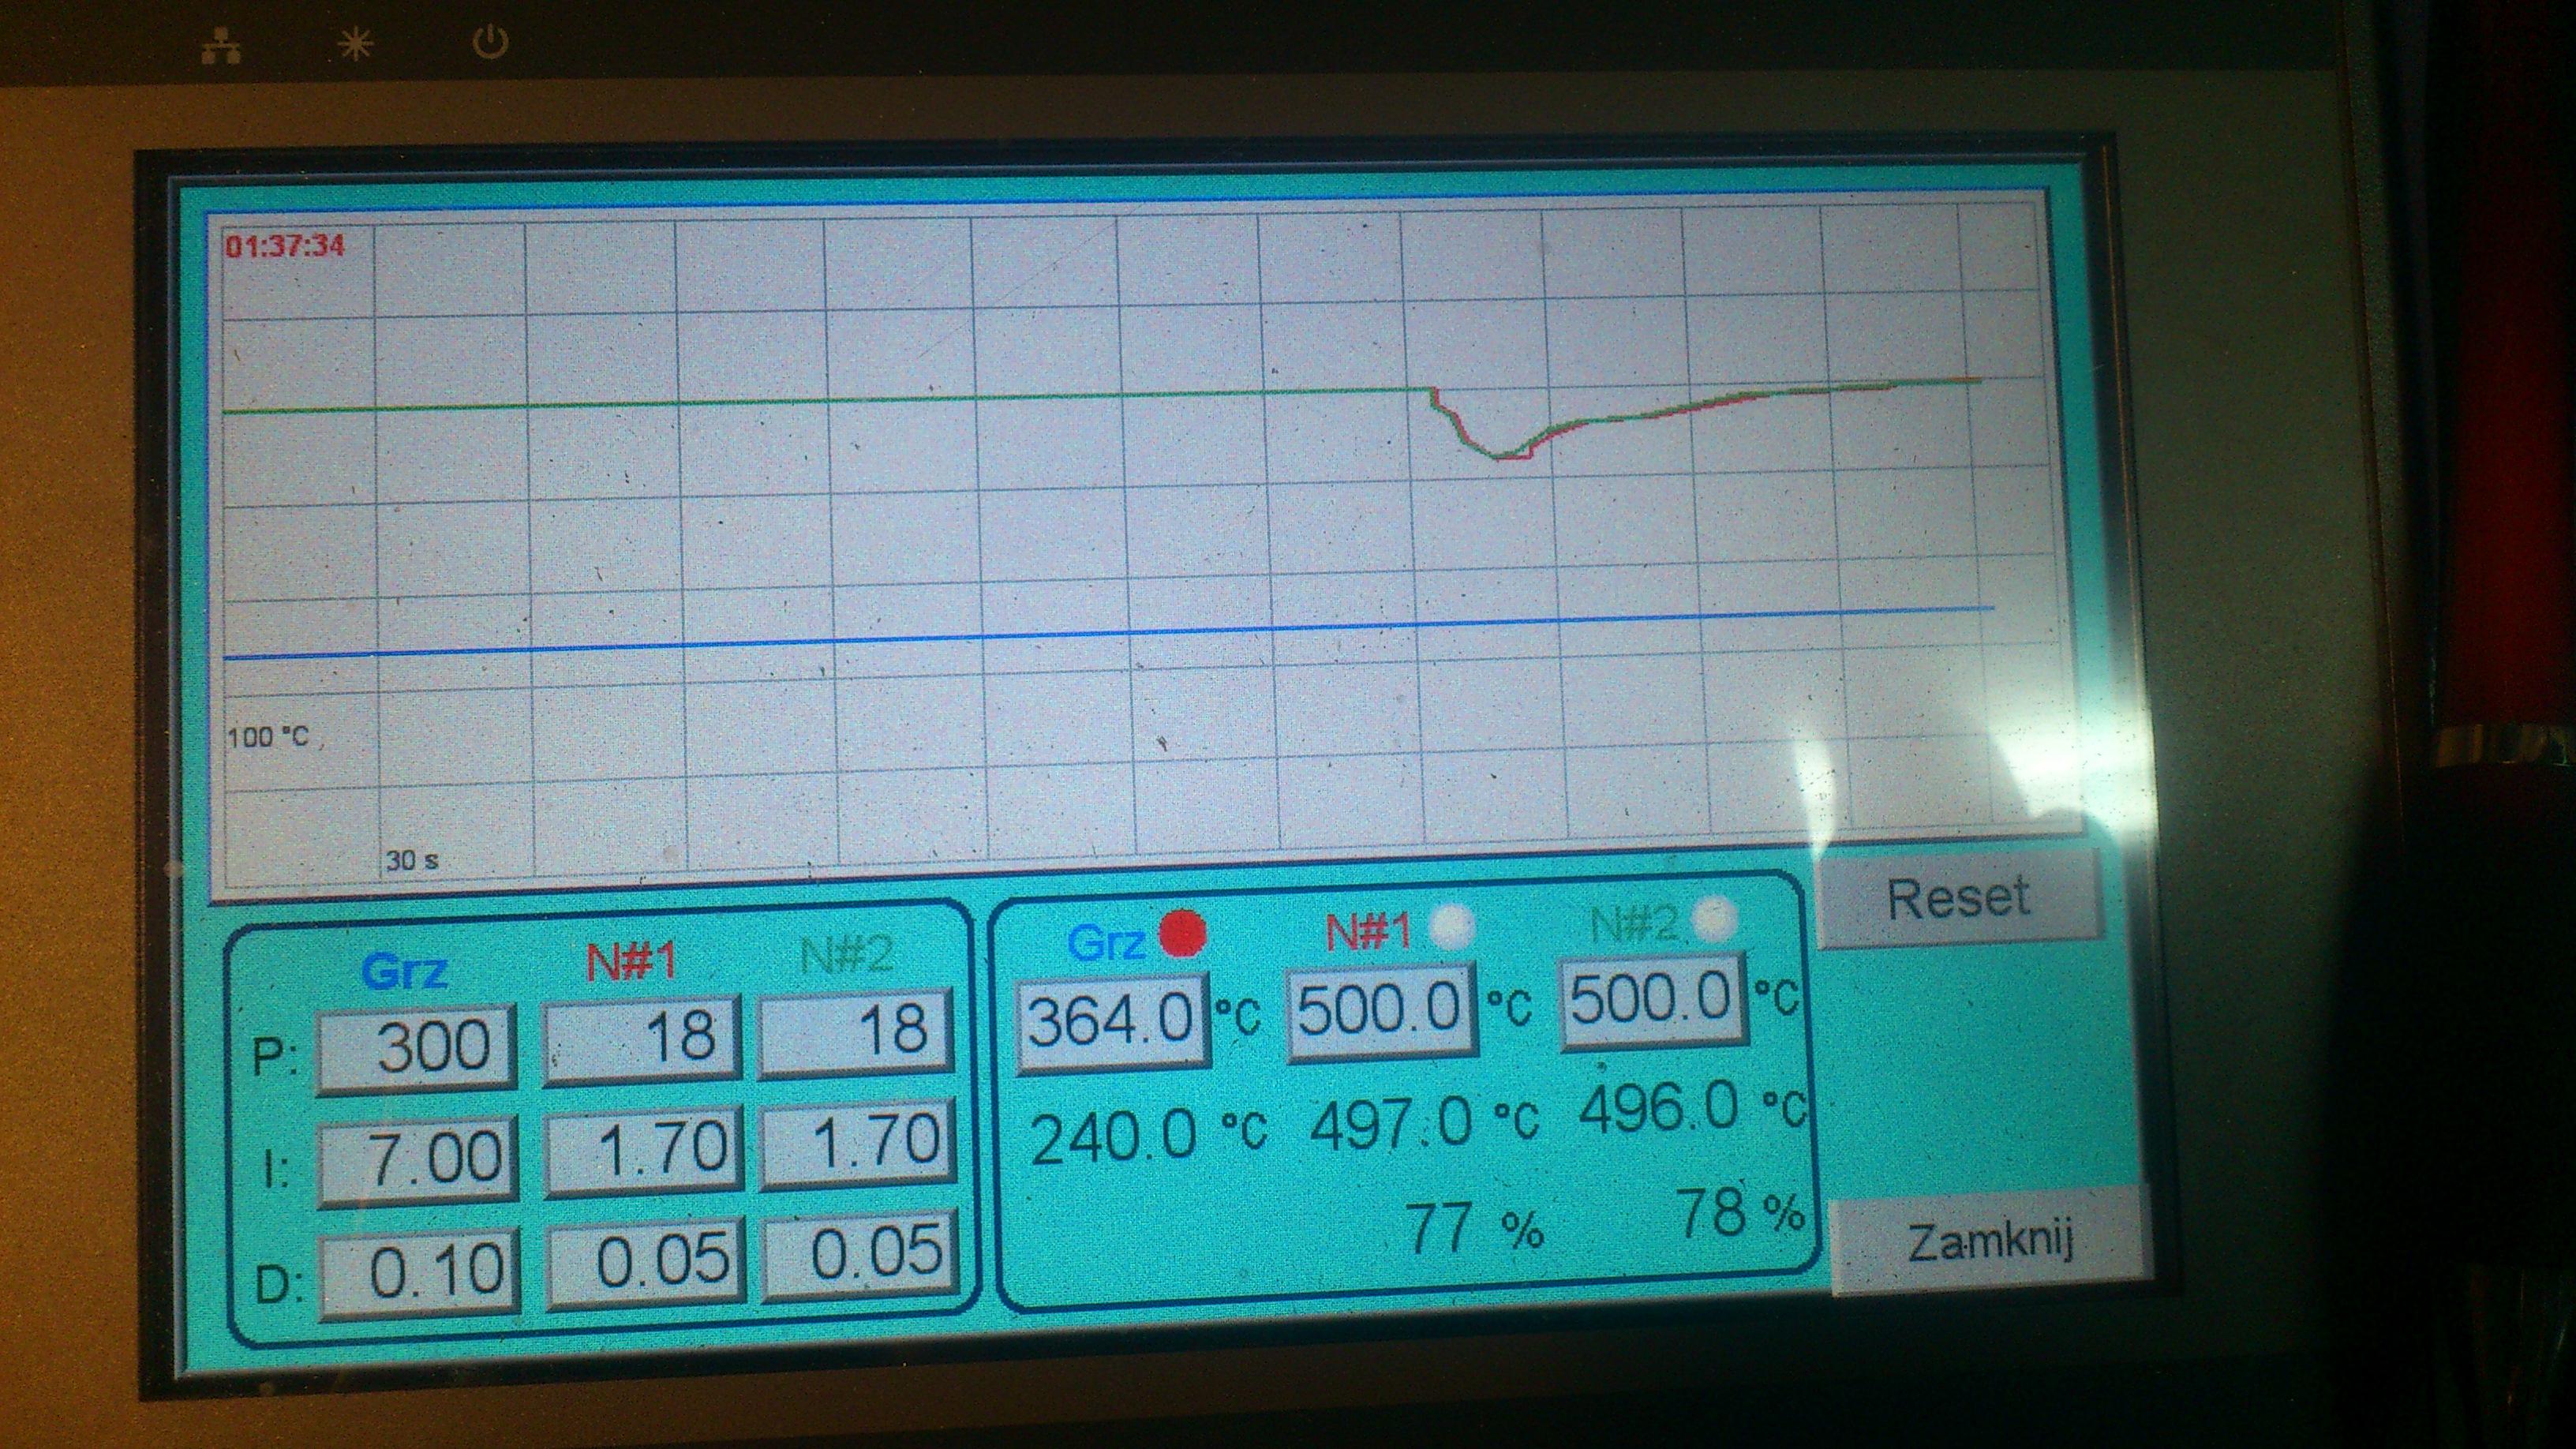 Fatek FBs-24MA - Czujnik temperatury, a regulacja PID w sterowniku fatek